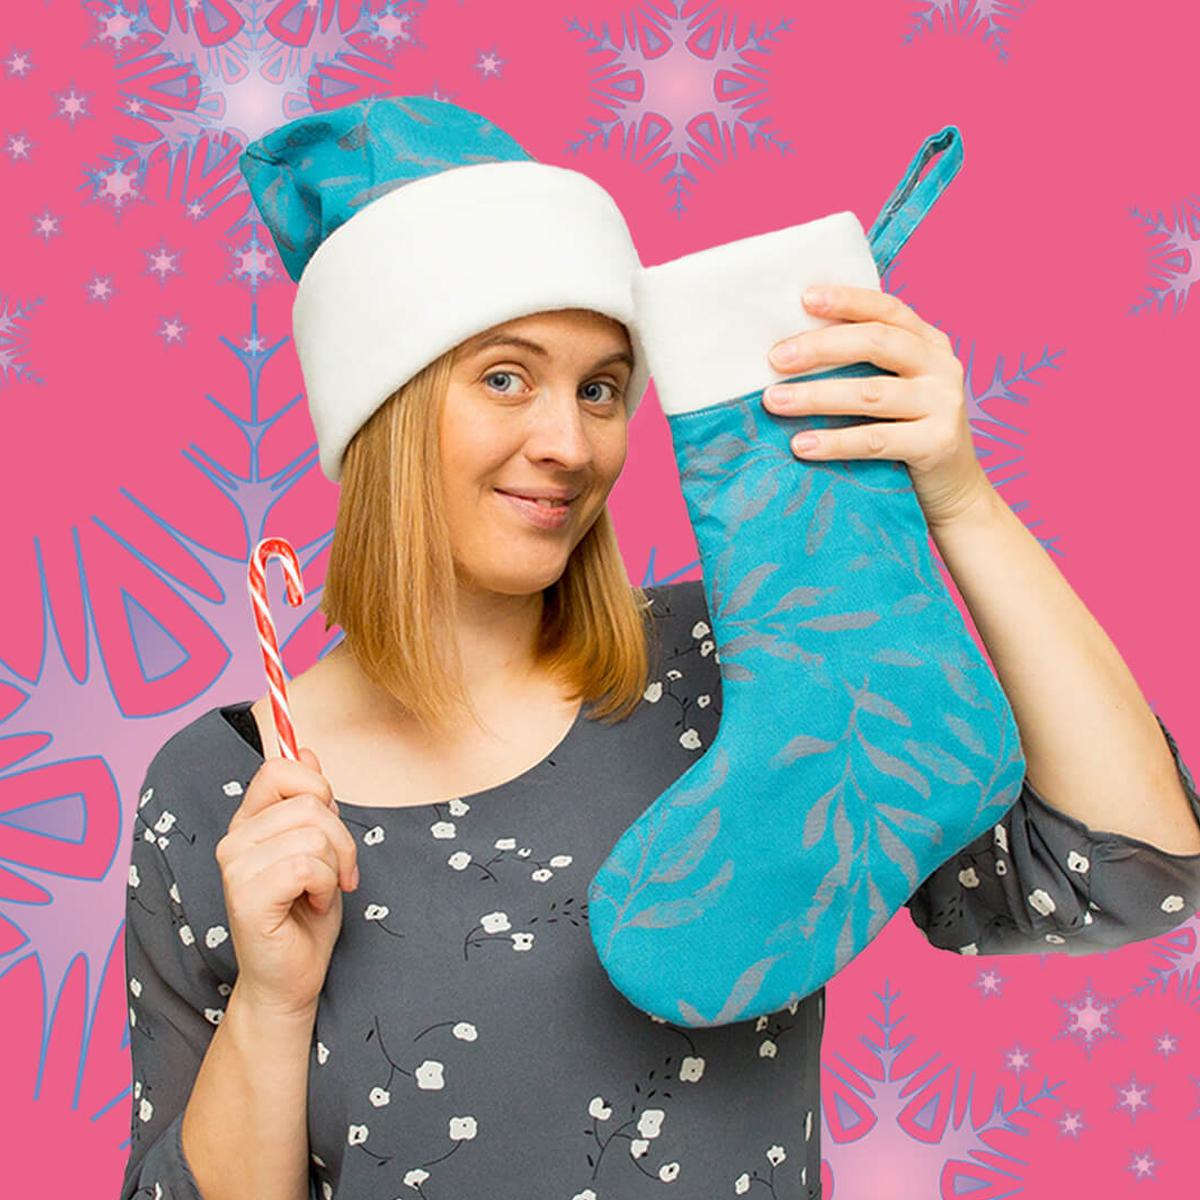 jak uszyć świąteczną skarpetę na prezenty od Mikołaja